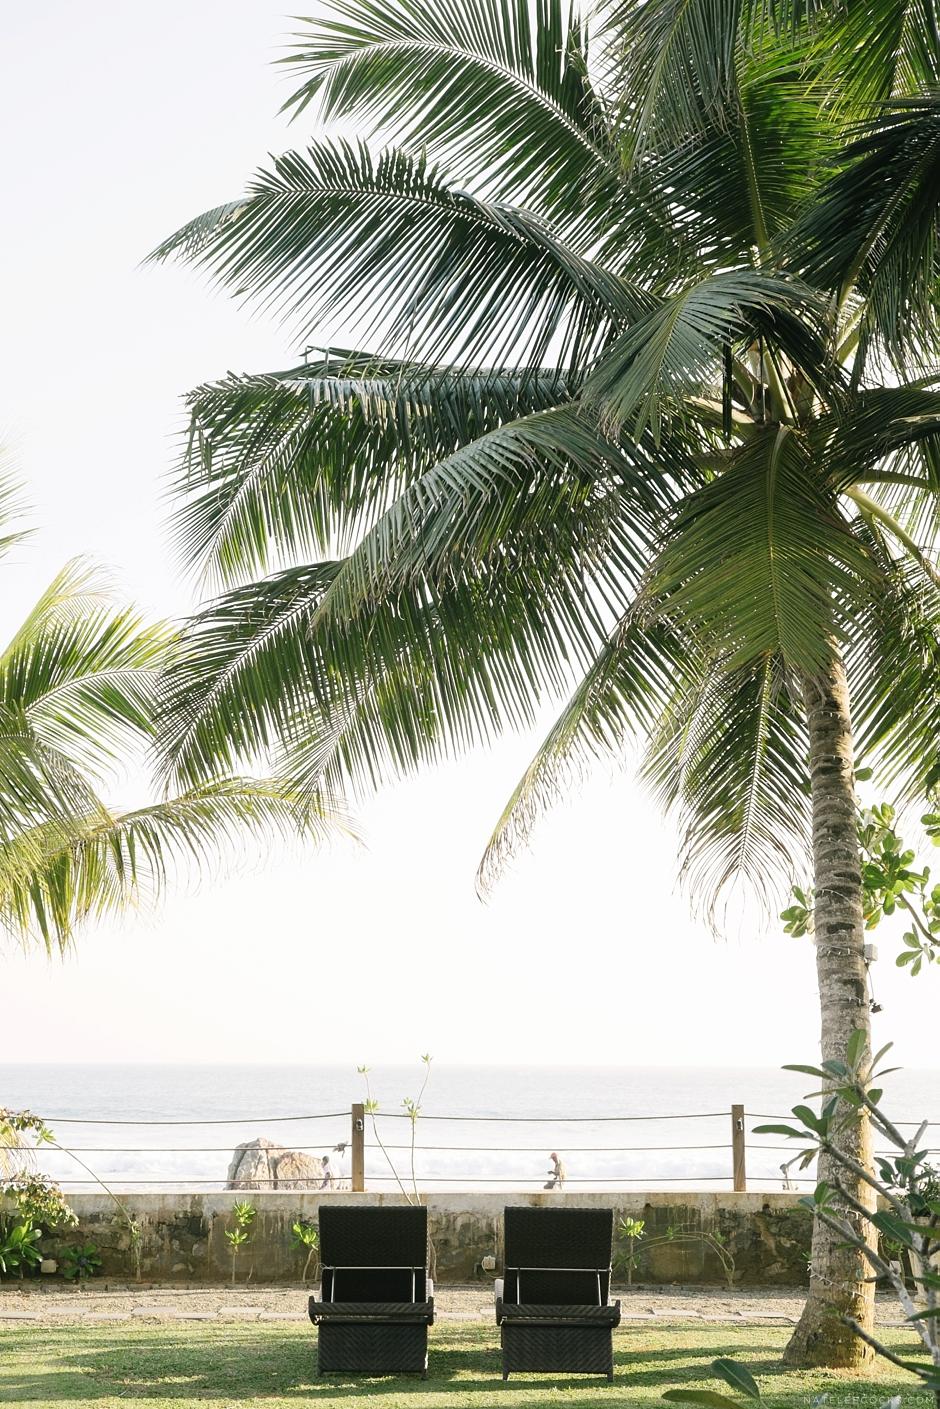 srilanka2016_good-22